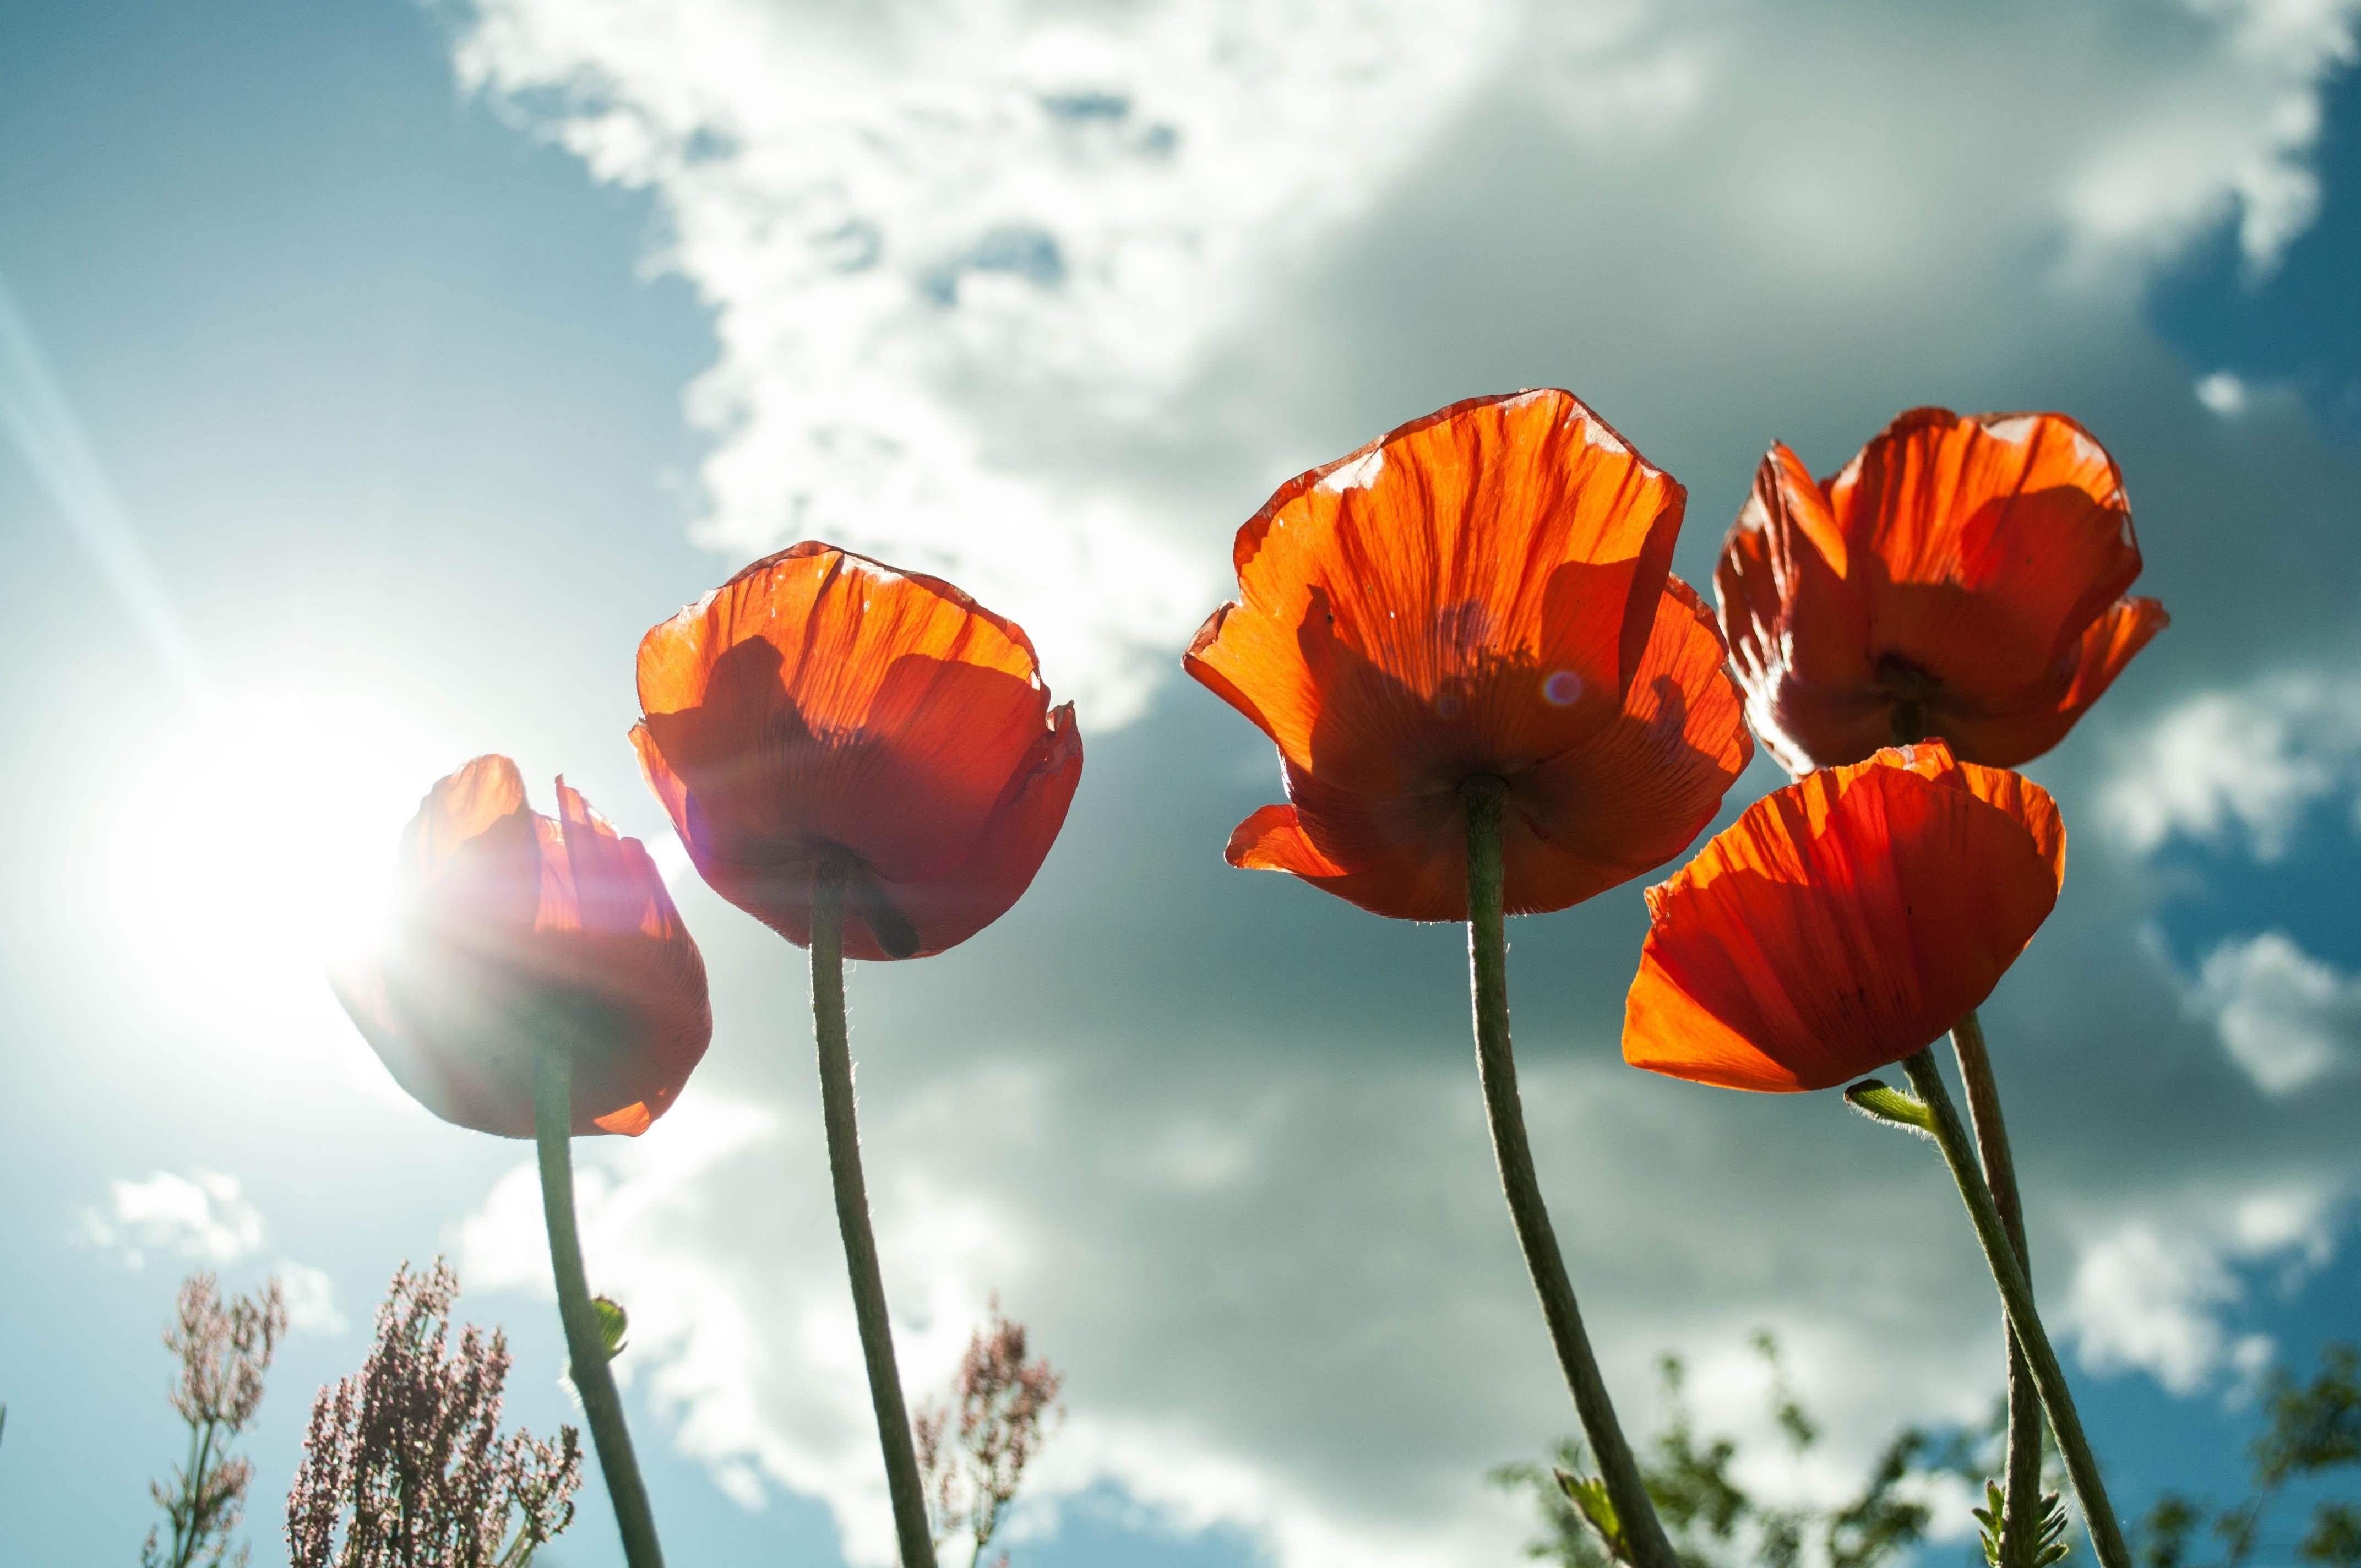 bloom-blossom-flora-53013.jpg